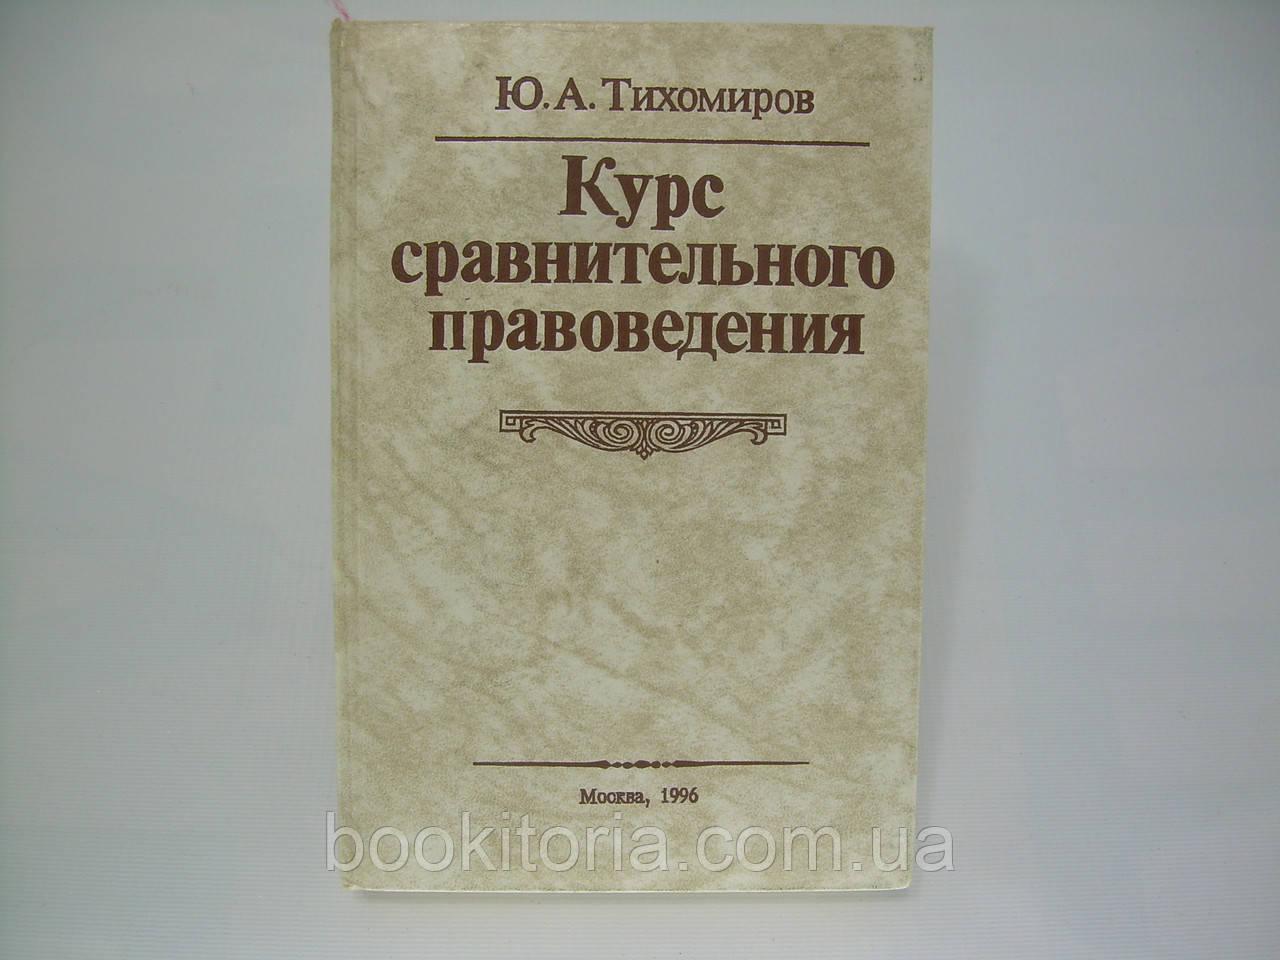 Тихомиров Ю.А. Курс сравнительного правоведения (б/у).